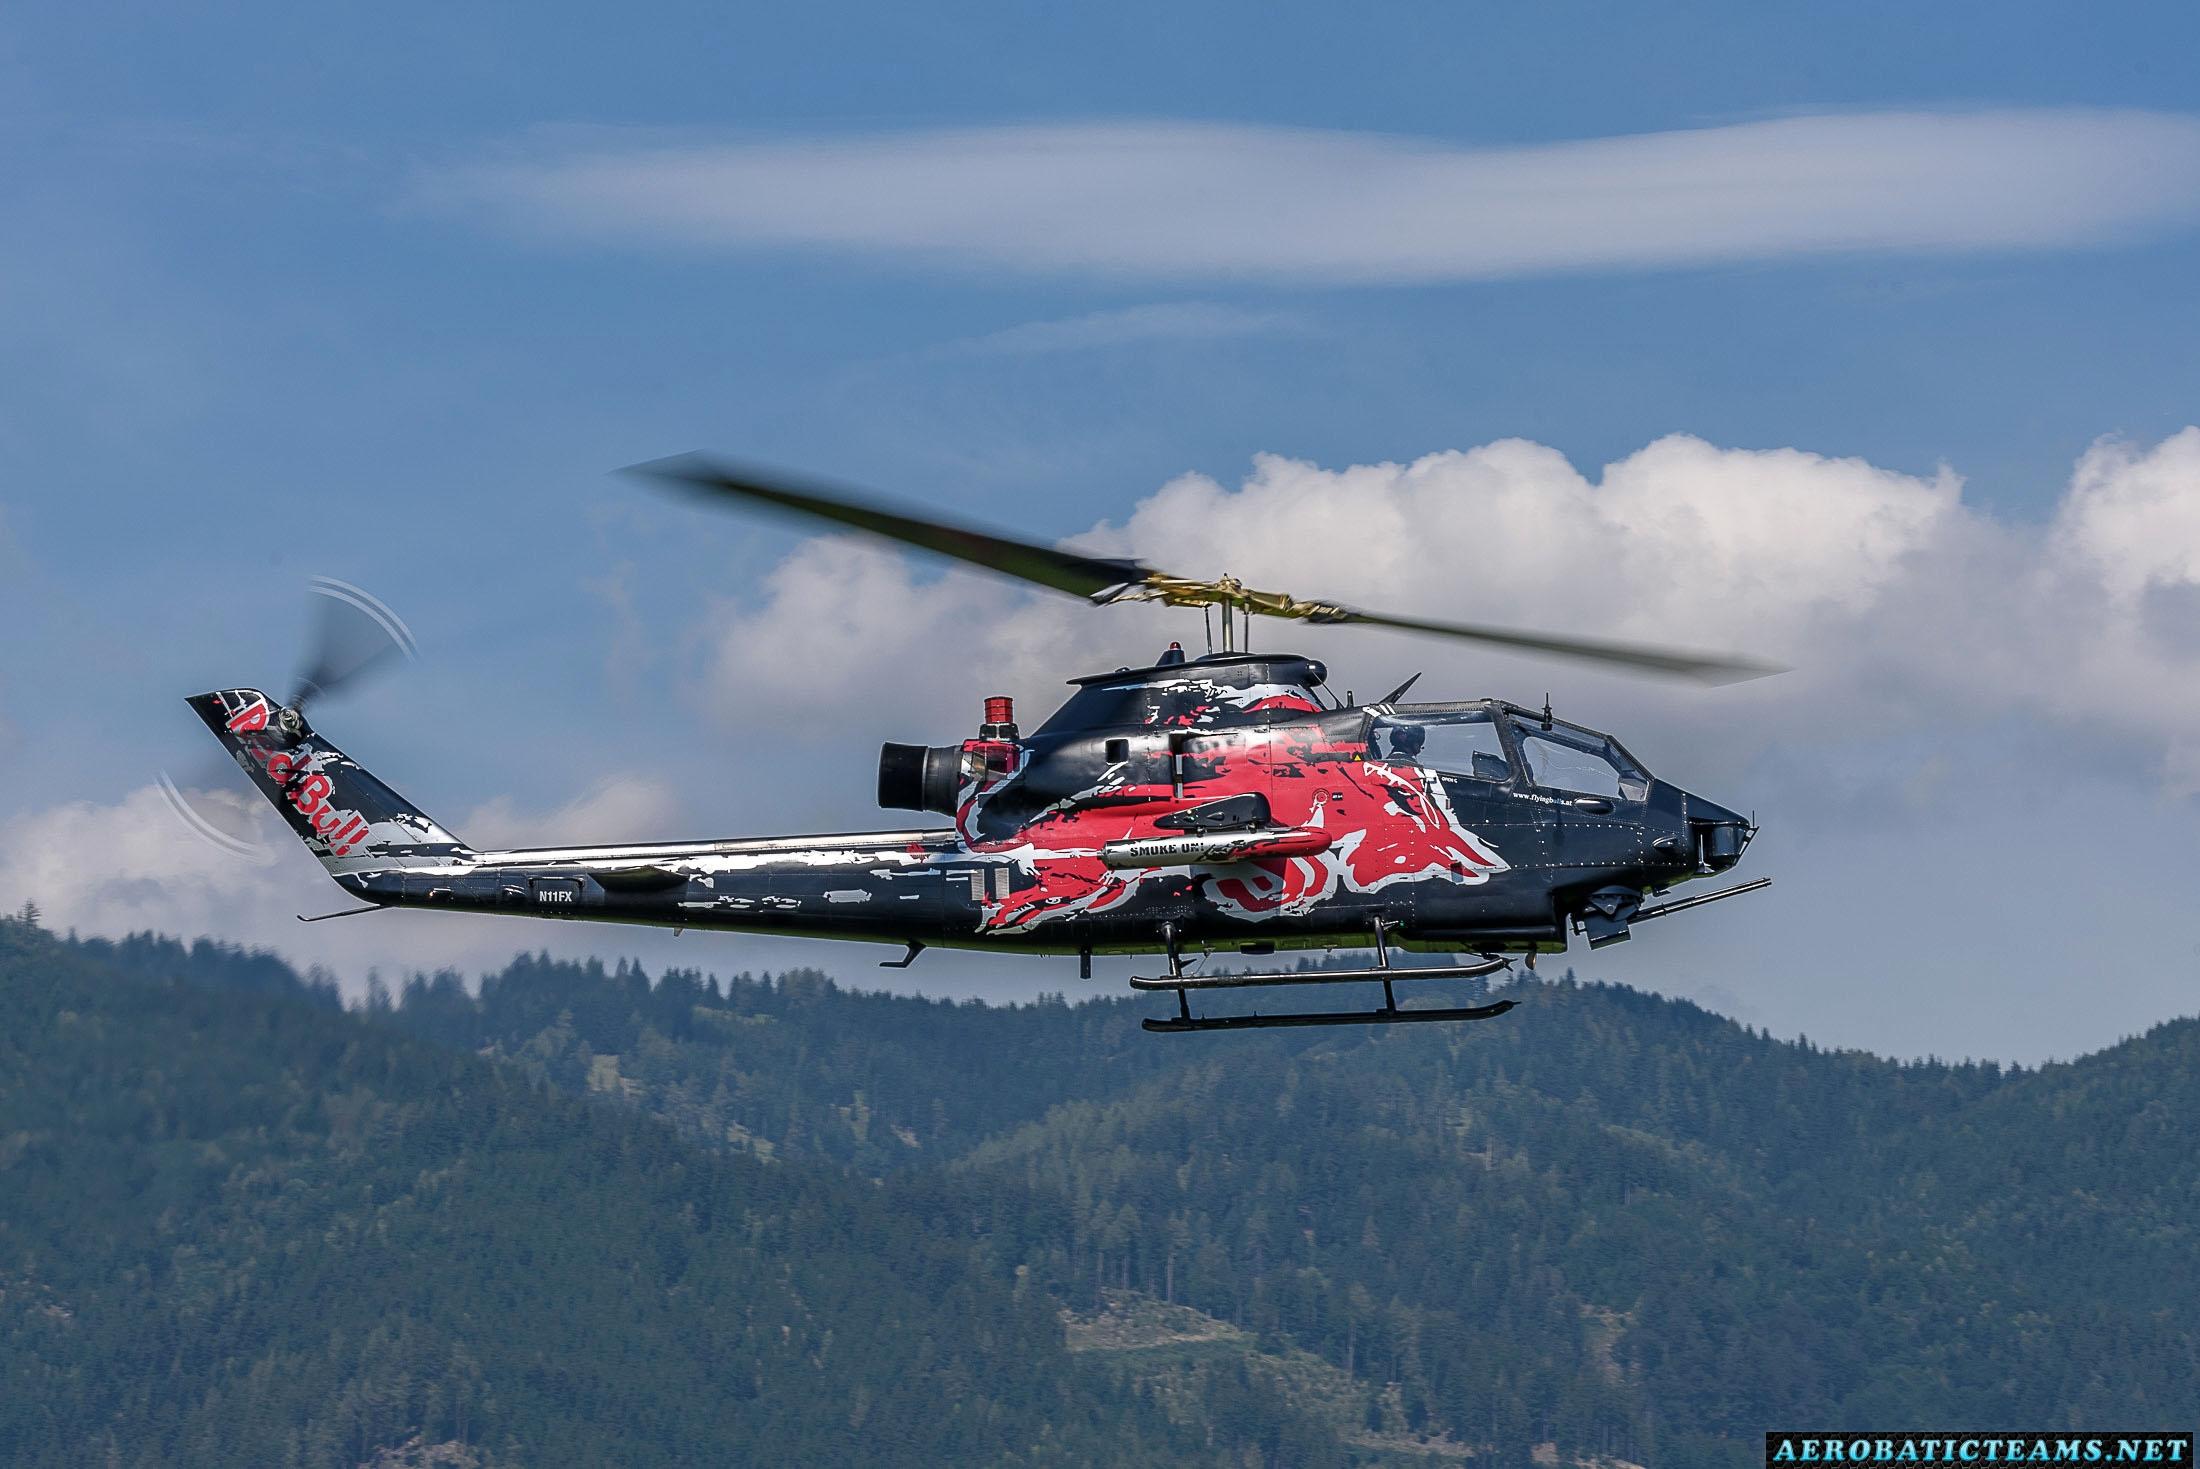 Red Bull Bell AH-1 Cobra